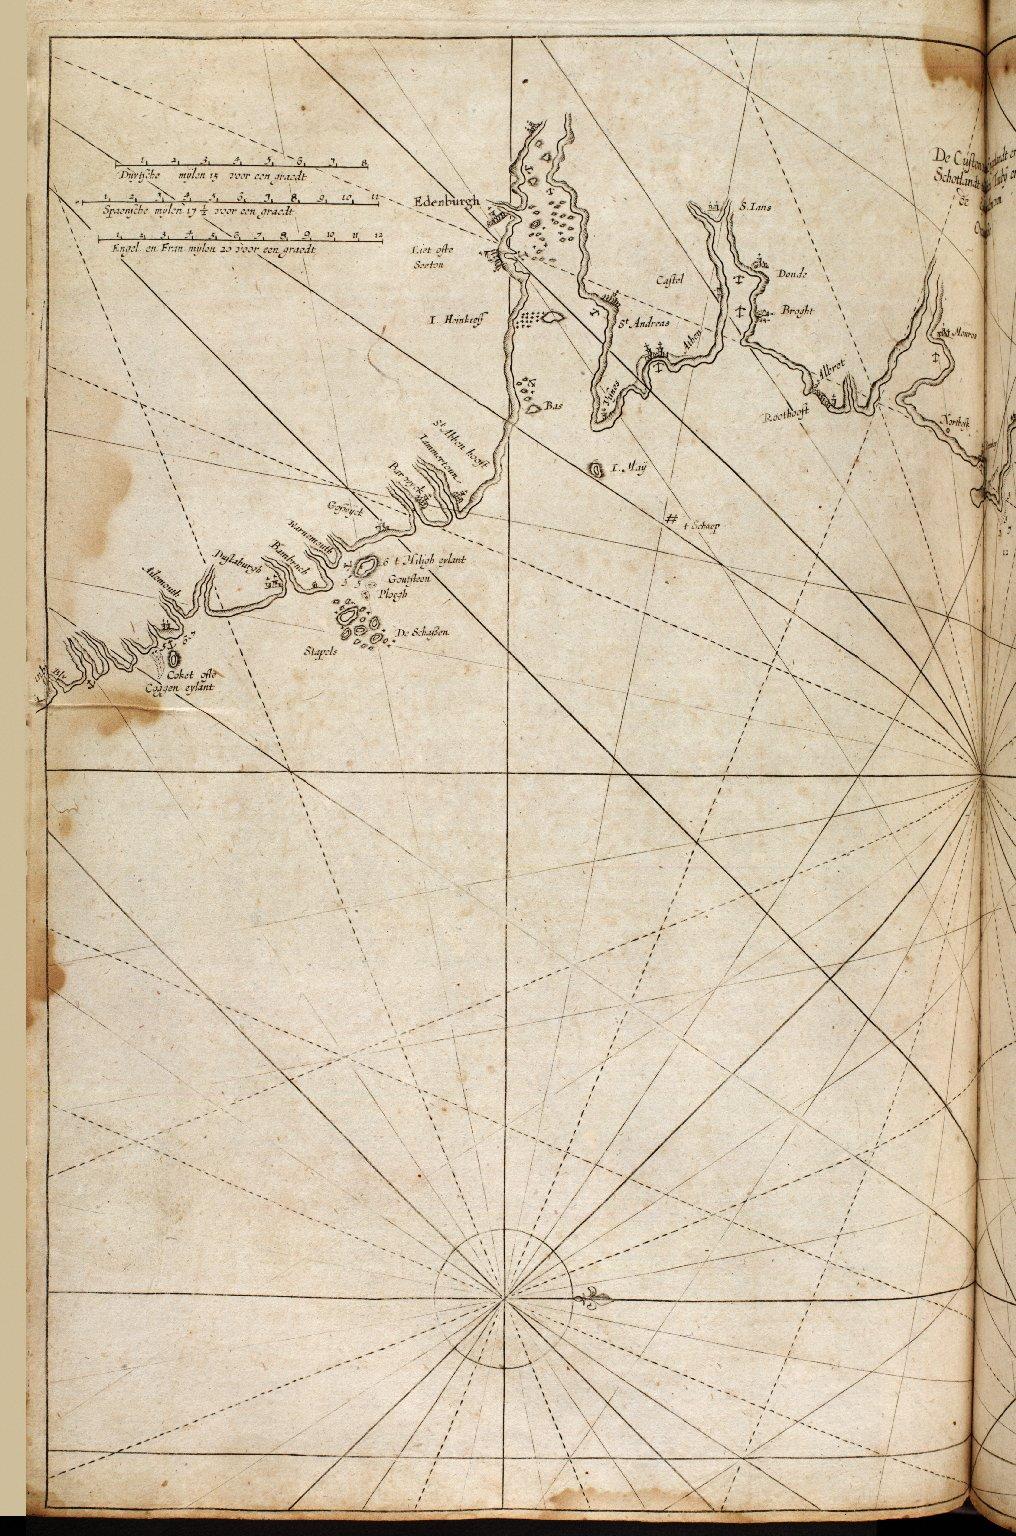 De custen van Engelandt en Schotlant tusschen Tinbij en de eijlanden van Orcanesse. [2 of 2]